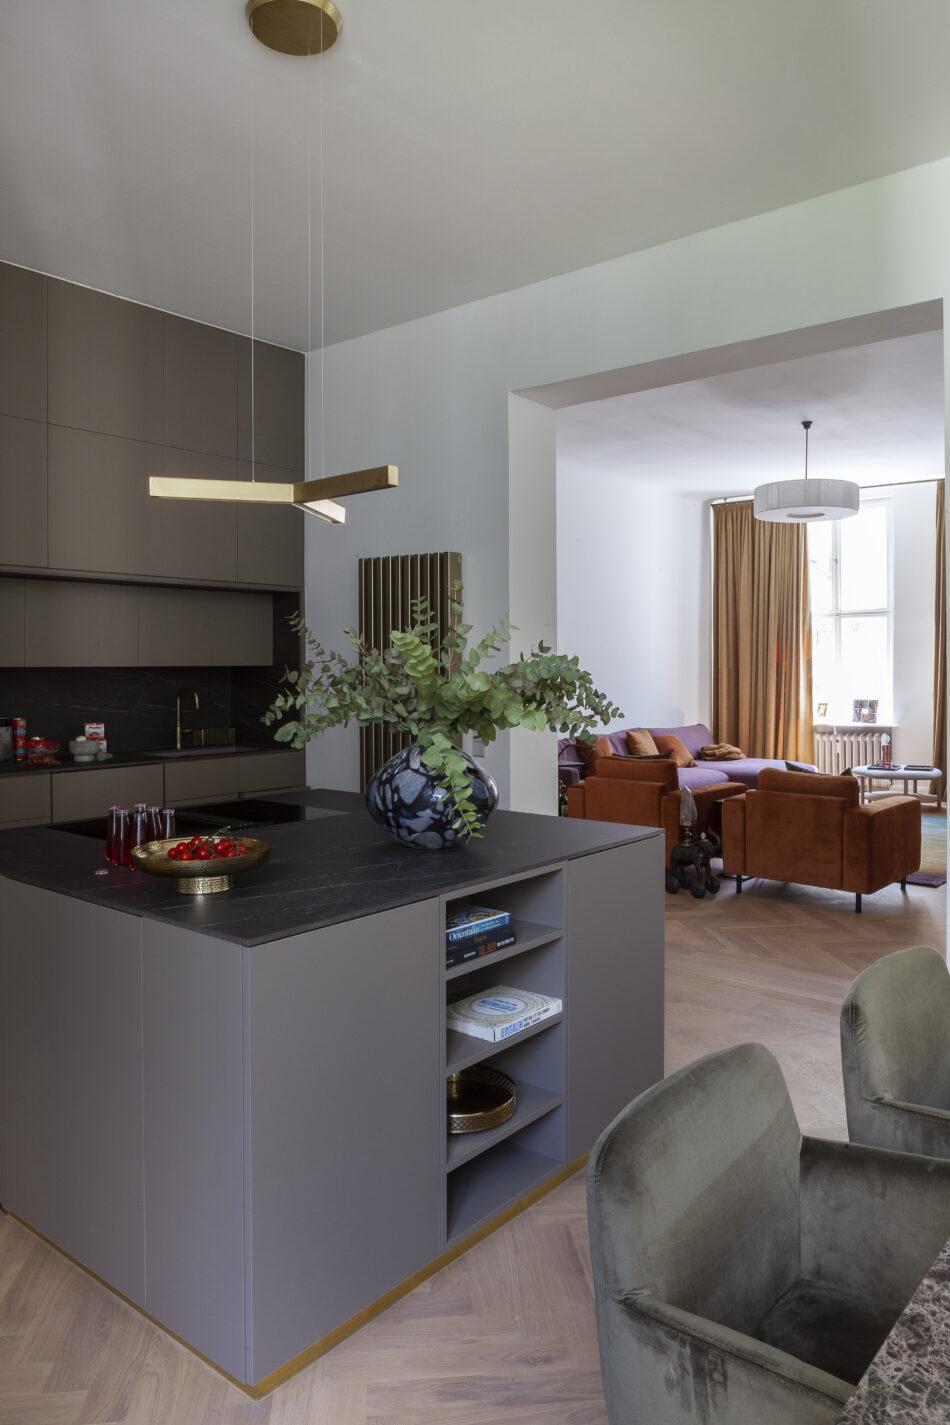 Antonius Schimmelbusch_Apartment_Berlin_Anne-Catherine Scoffoni_privat_24